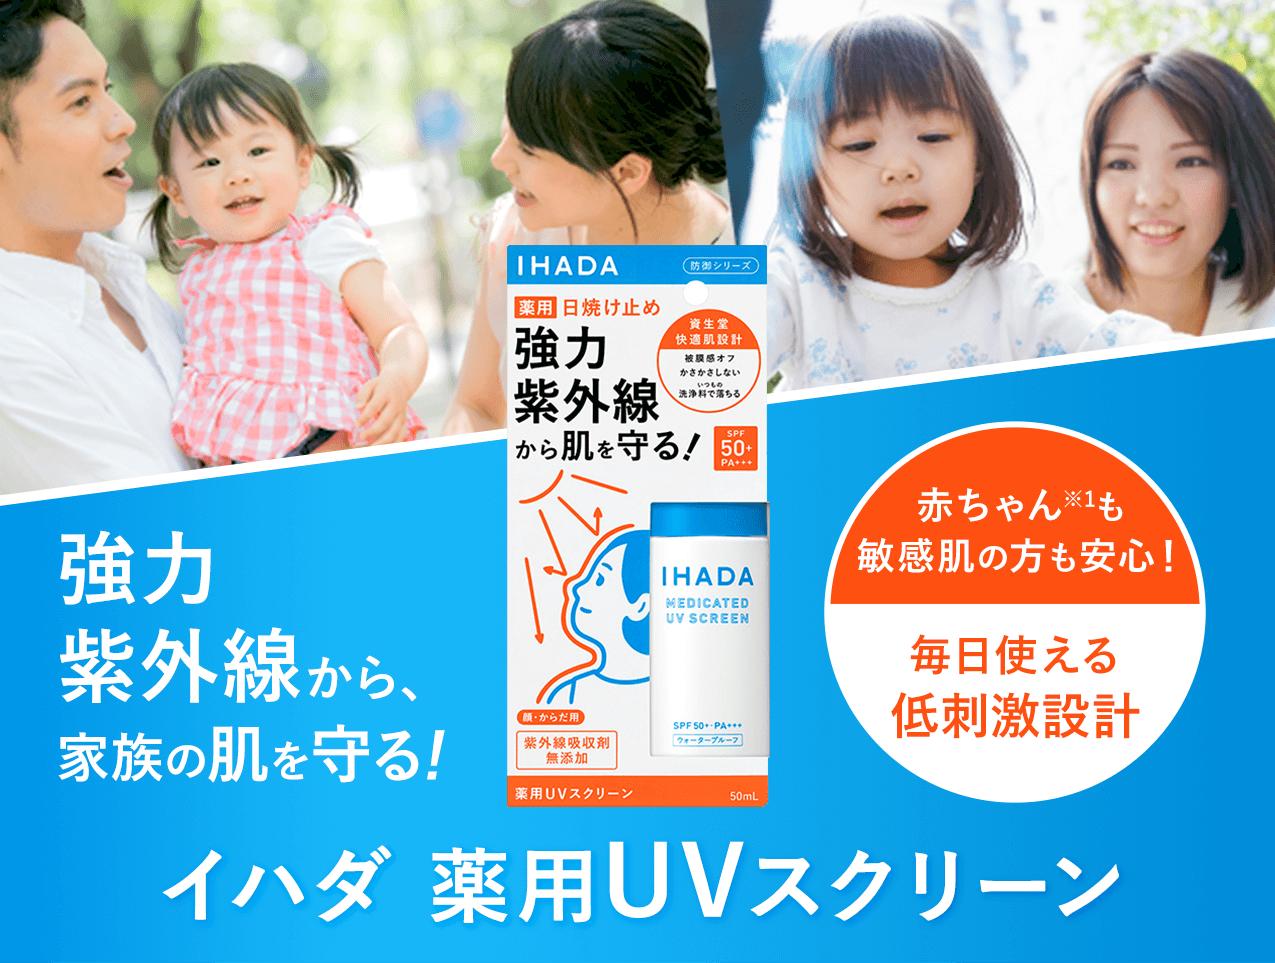 强力 紫外綫から、 家族の肌を守る! 赤ちゃん※1も 敏感肌の方も安心!毎日使える 低刺激設計  イハダ 薬用UVスクリーン